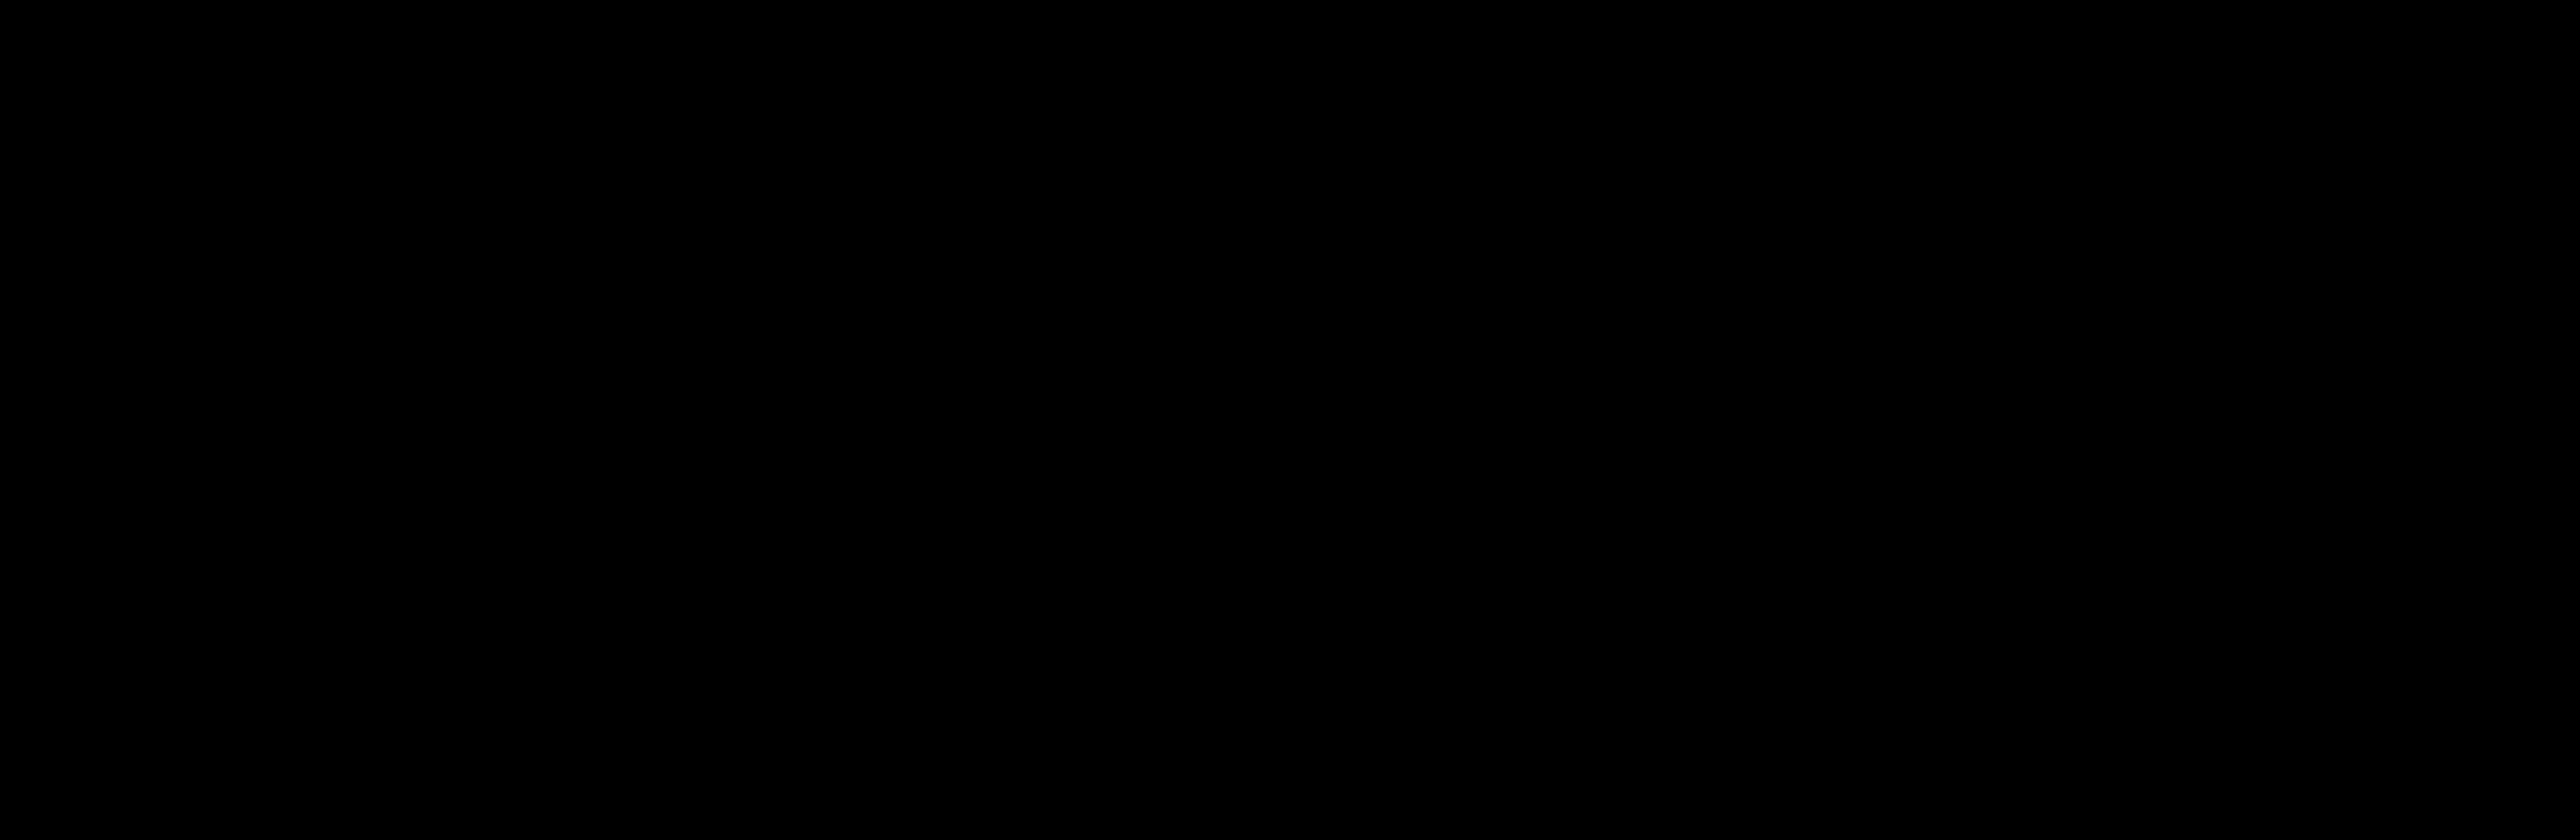 Euroki logo org